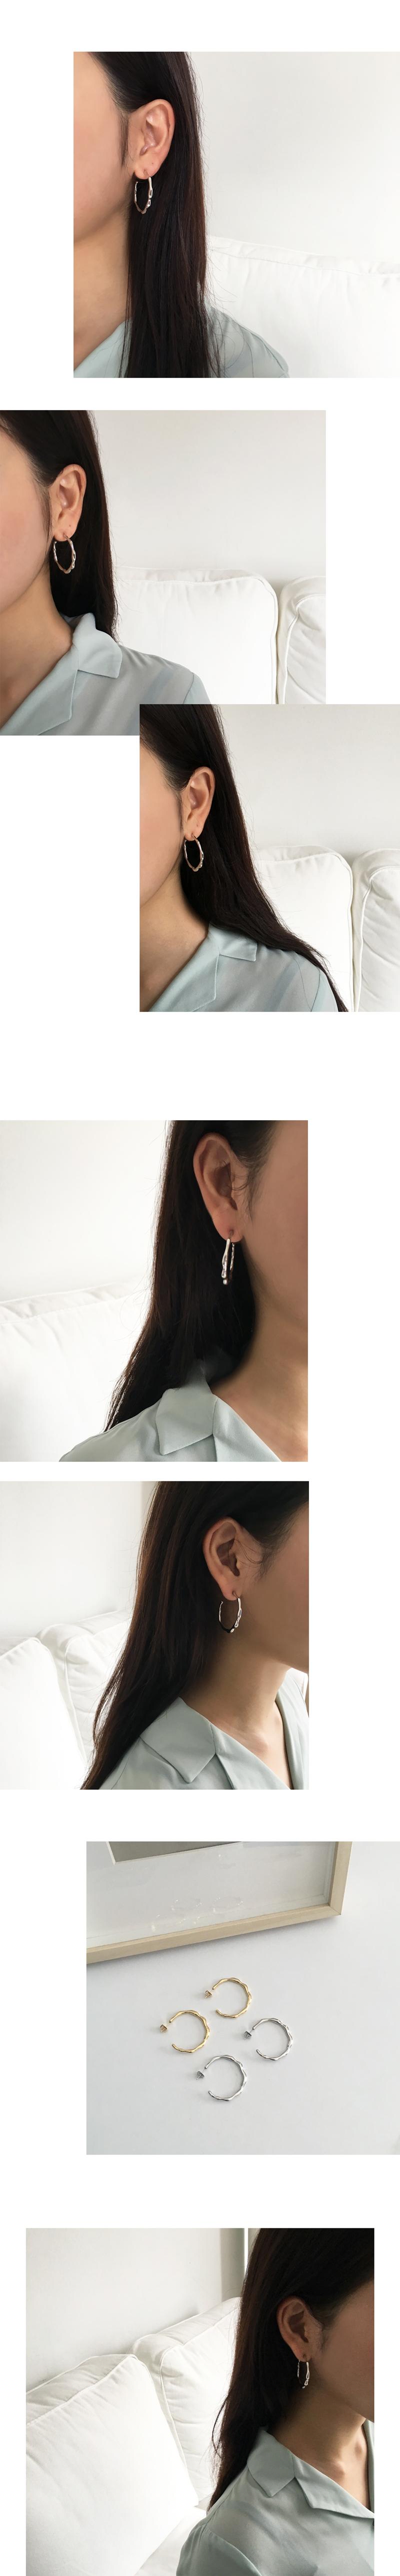 boxy earring